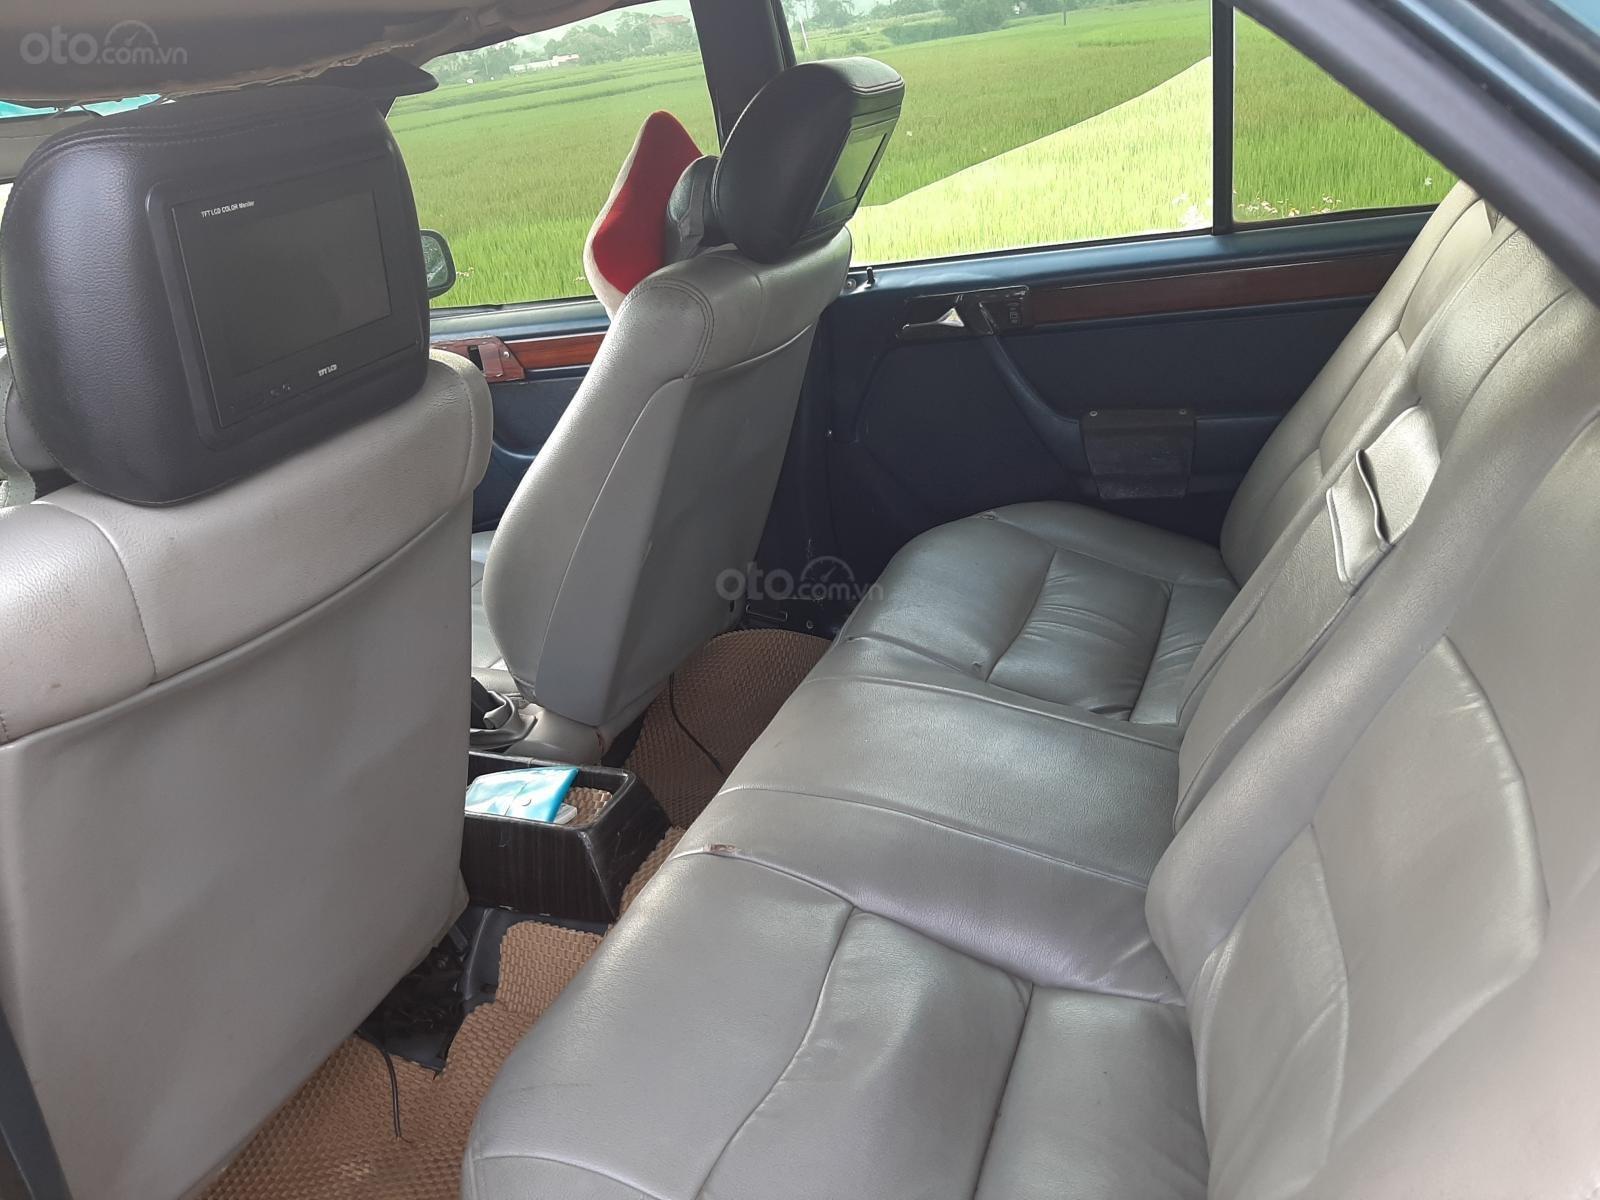 Cần bán xe Mercedes E240 năm 1984, màu xanh lam, xe nhập, giá chỉ 35 triệu (3)